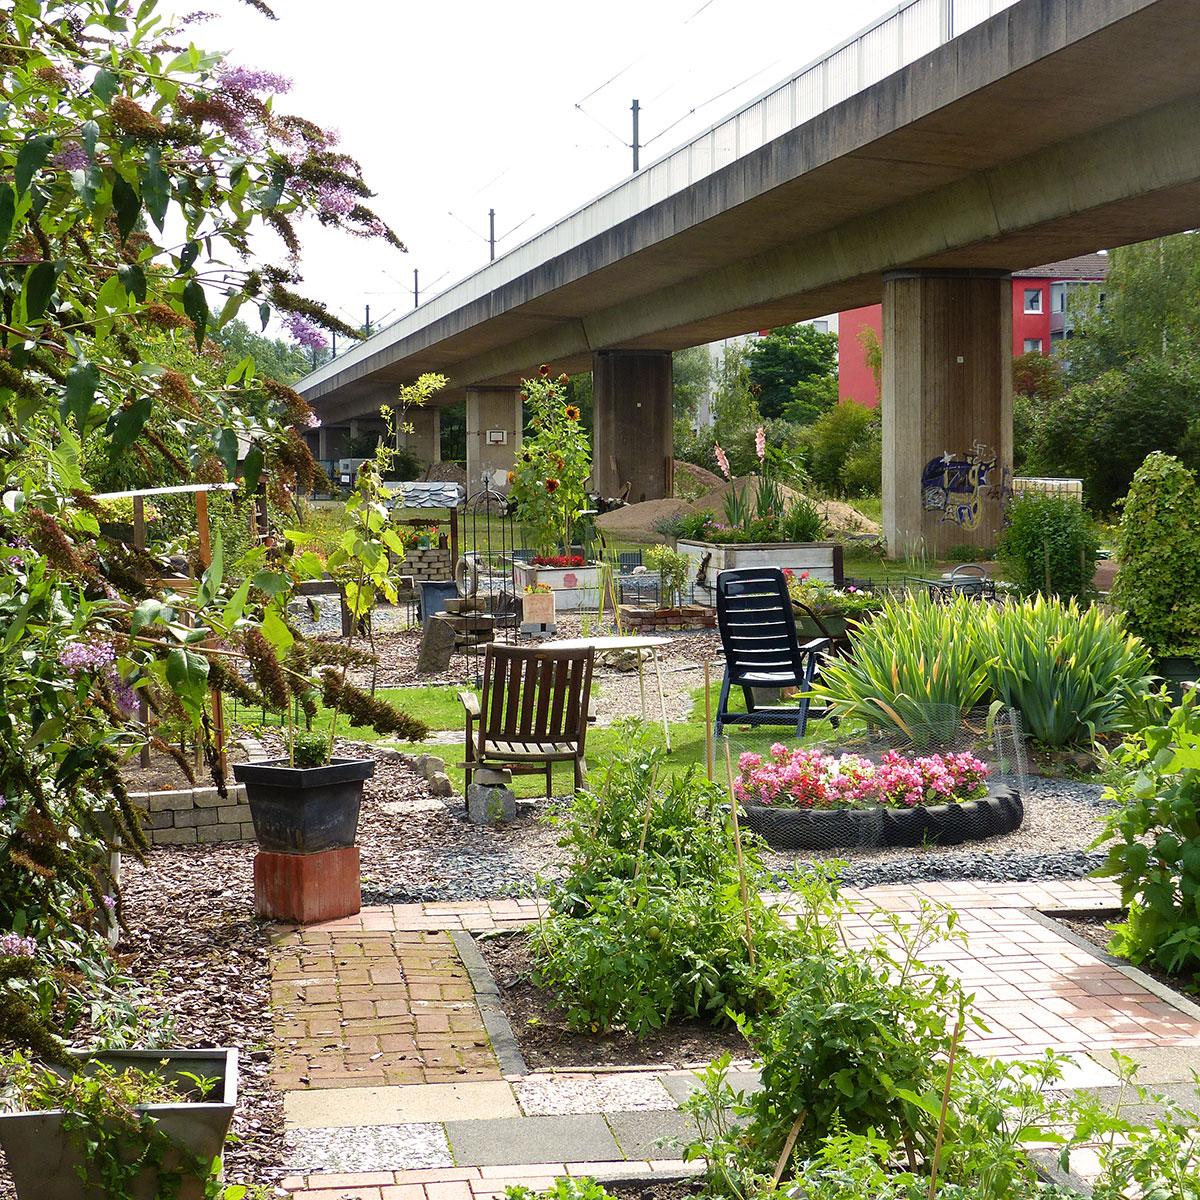 … und ein idyllischer Garten verschönern das Betongrau entlang der Hochbahn.